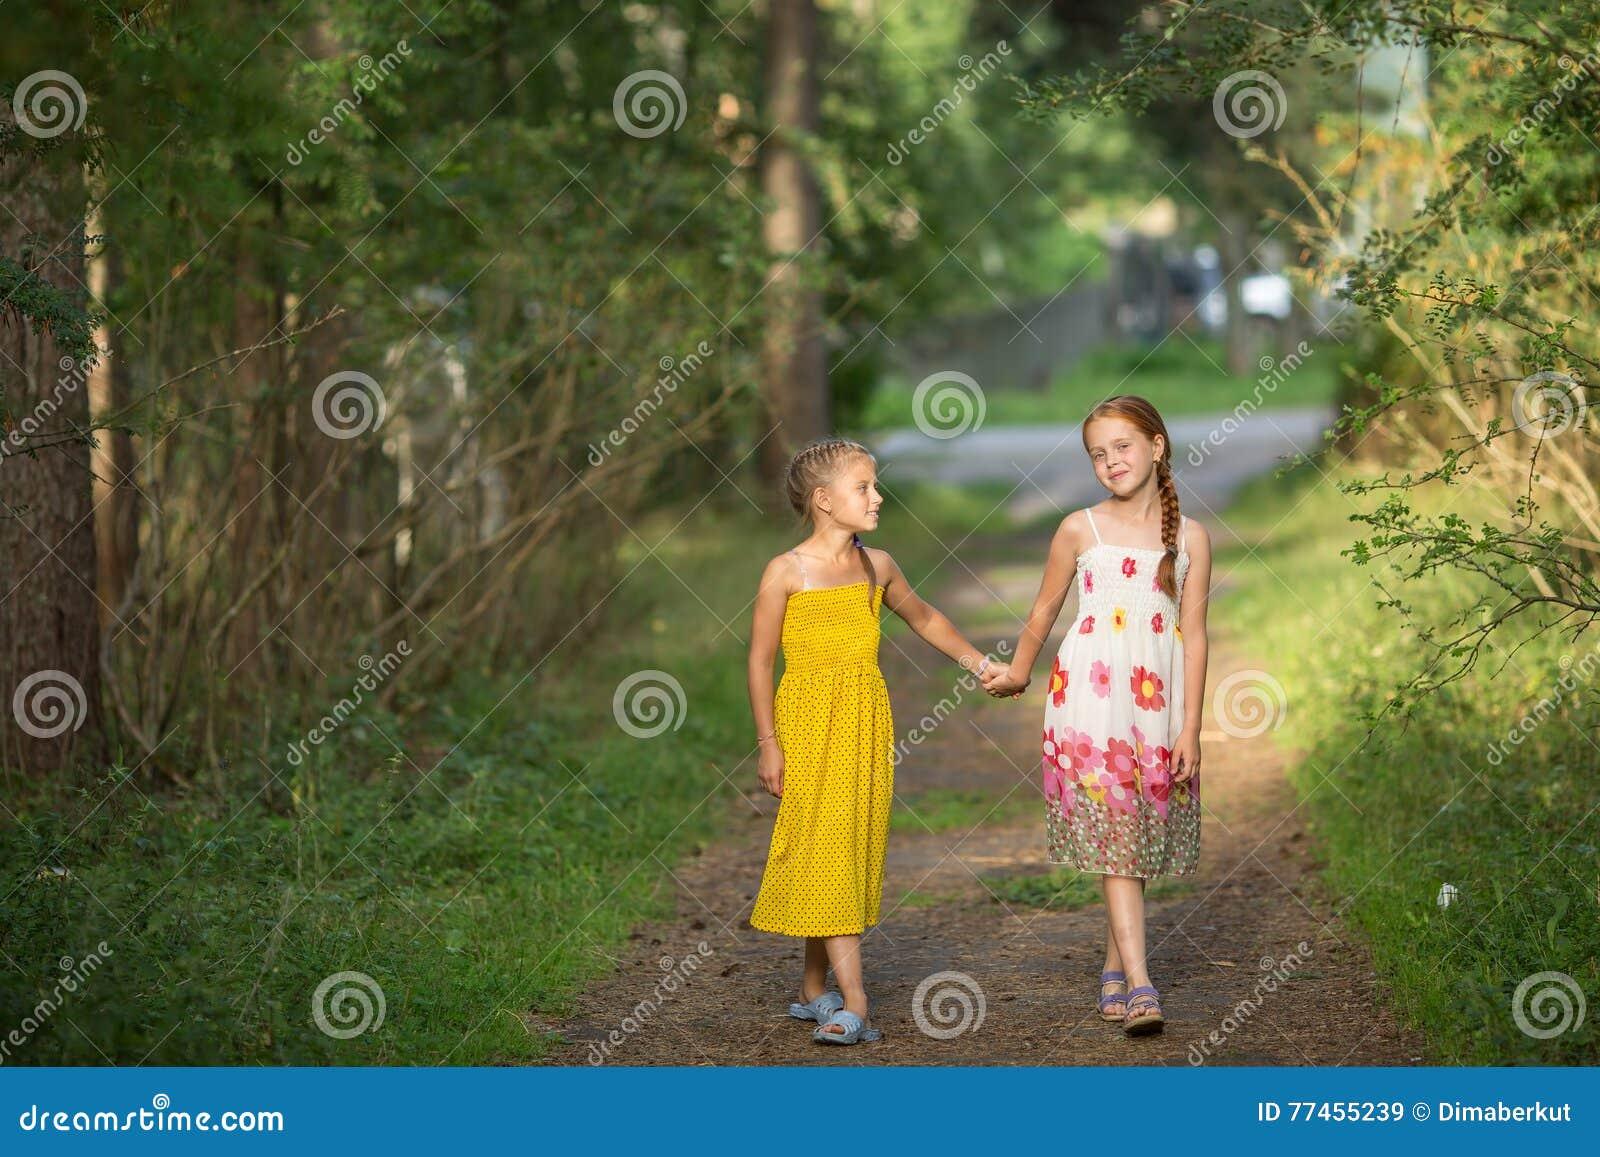 2 маленькой девочки идут для ручки на зеленом переулке Идти